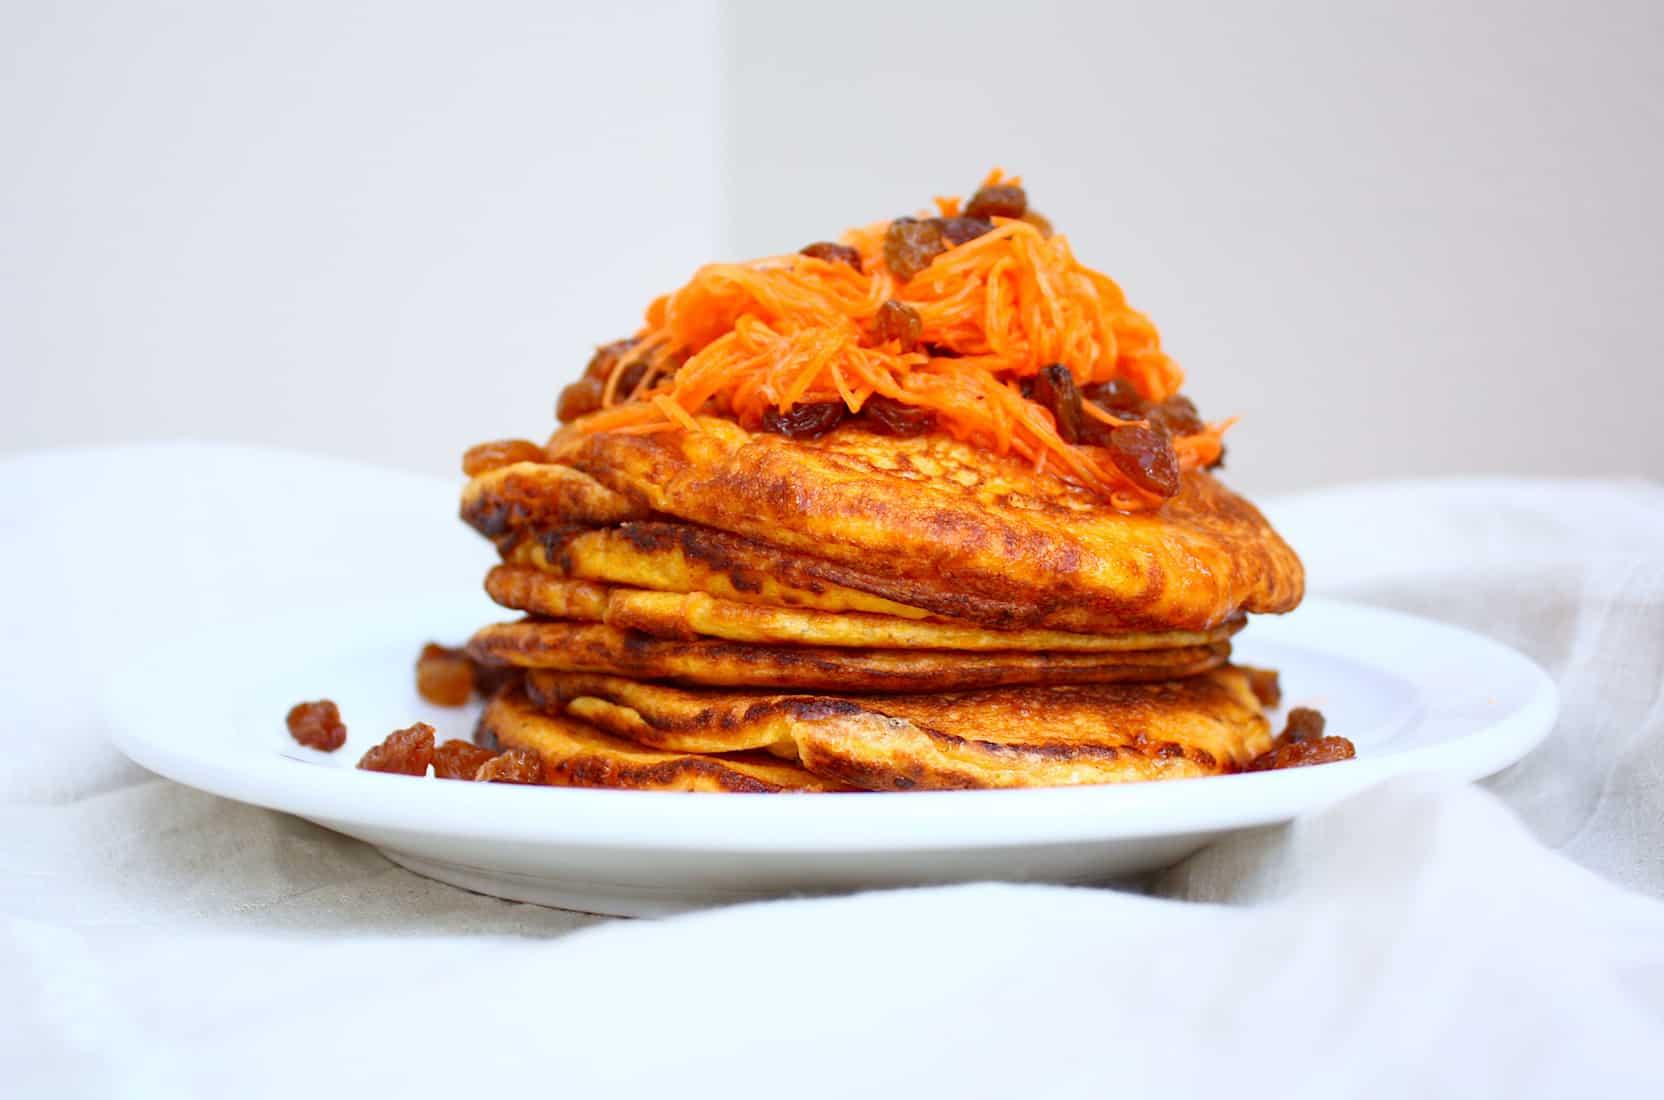 mag-ik-nog-een-hapje-zoete-aardappel-pannenkoeken-1